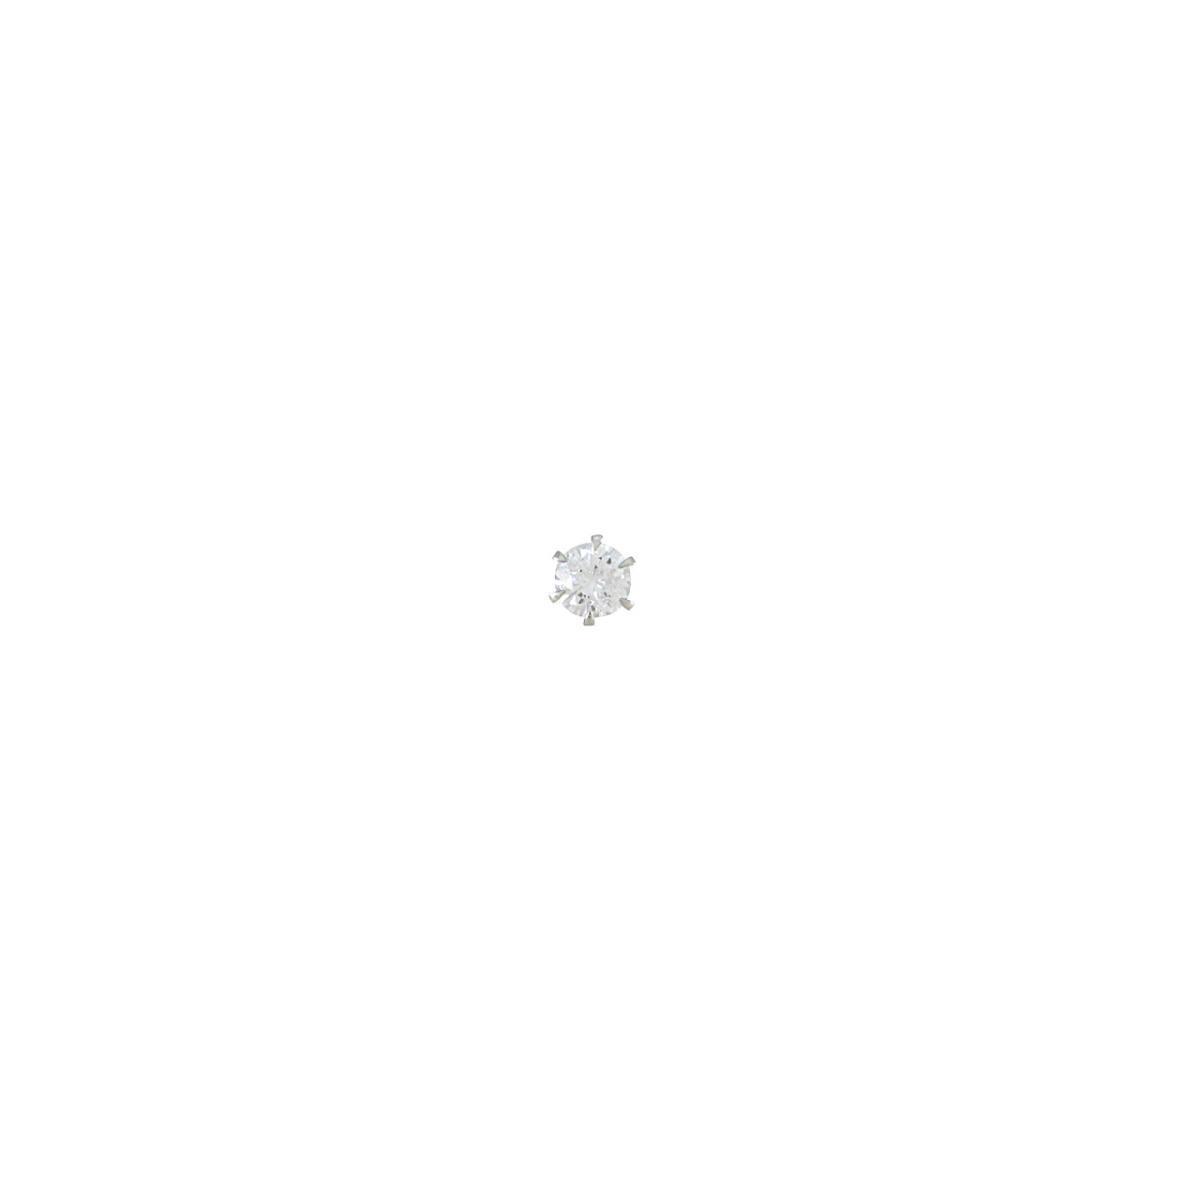 【リメイク】プラチナダイヤモンドピアス  0.329ct・F・I1・FAIR 片耳【中古】